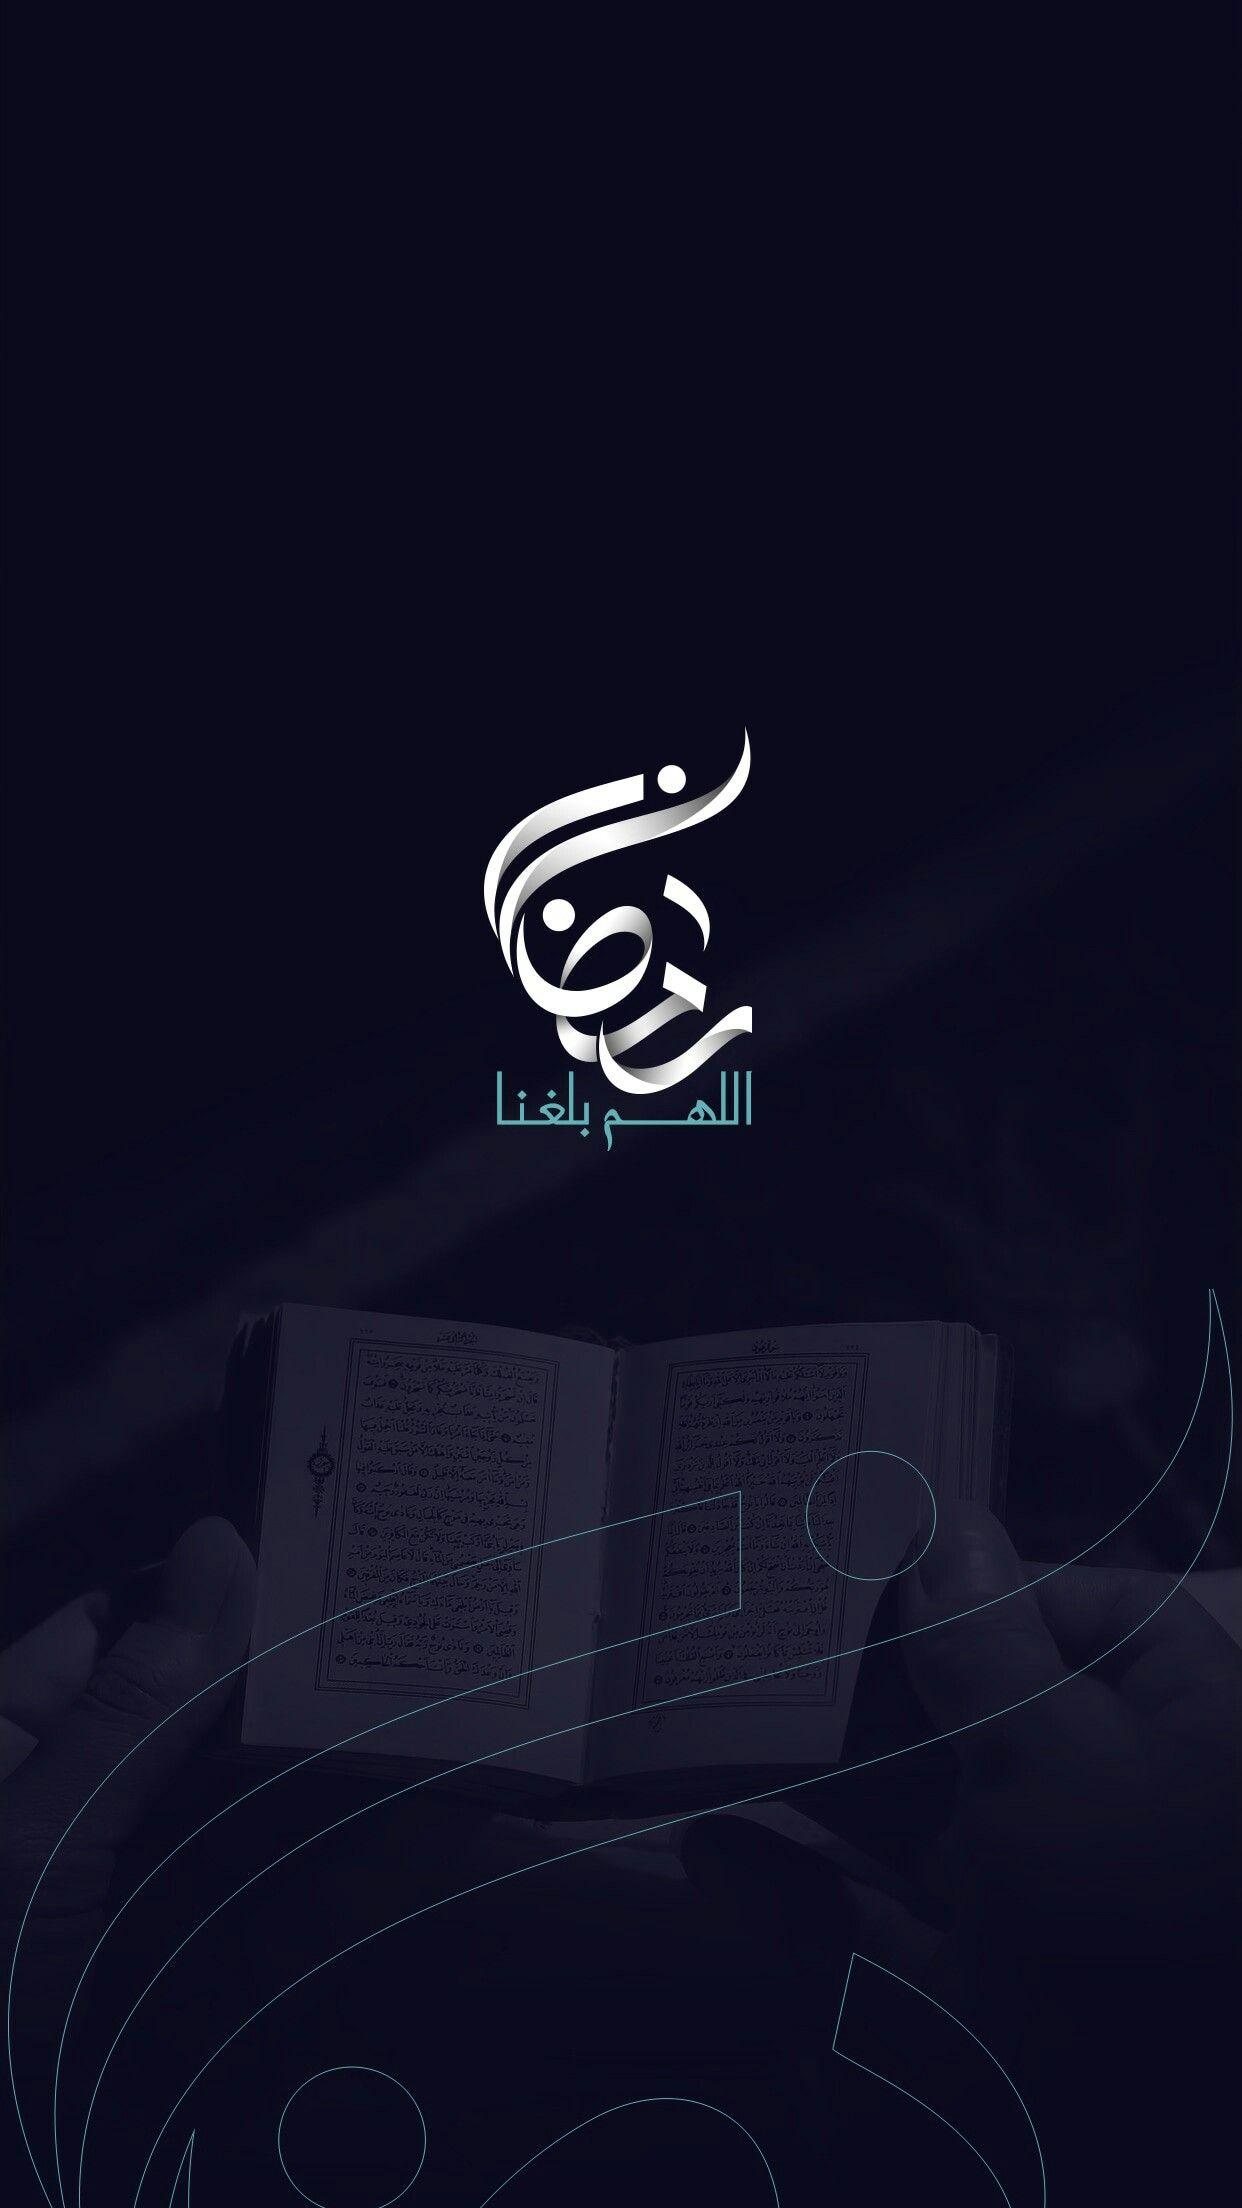 اللهم بلغنا رمضان H G Ramadan Ramadan Kareem Beautiful Words